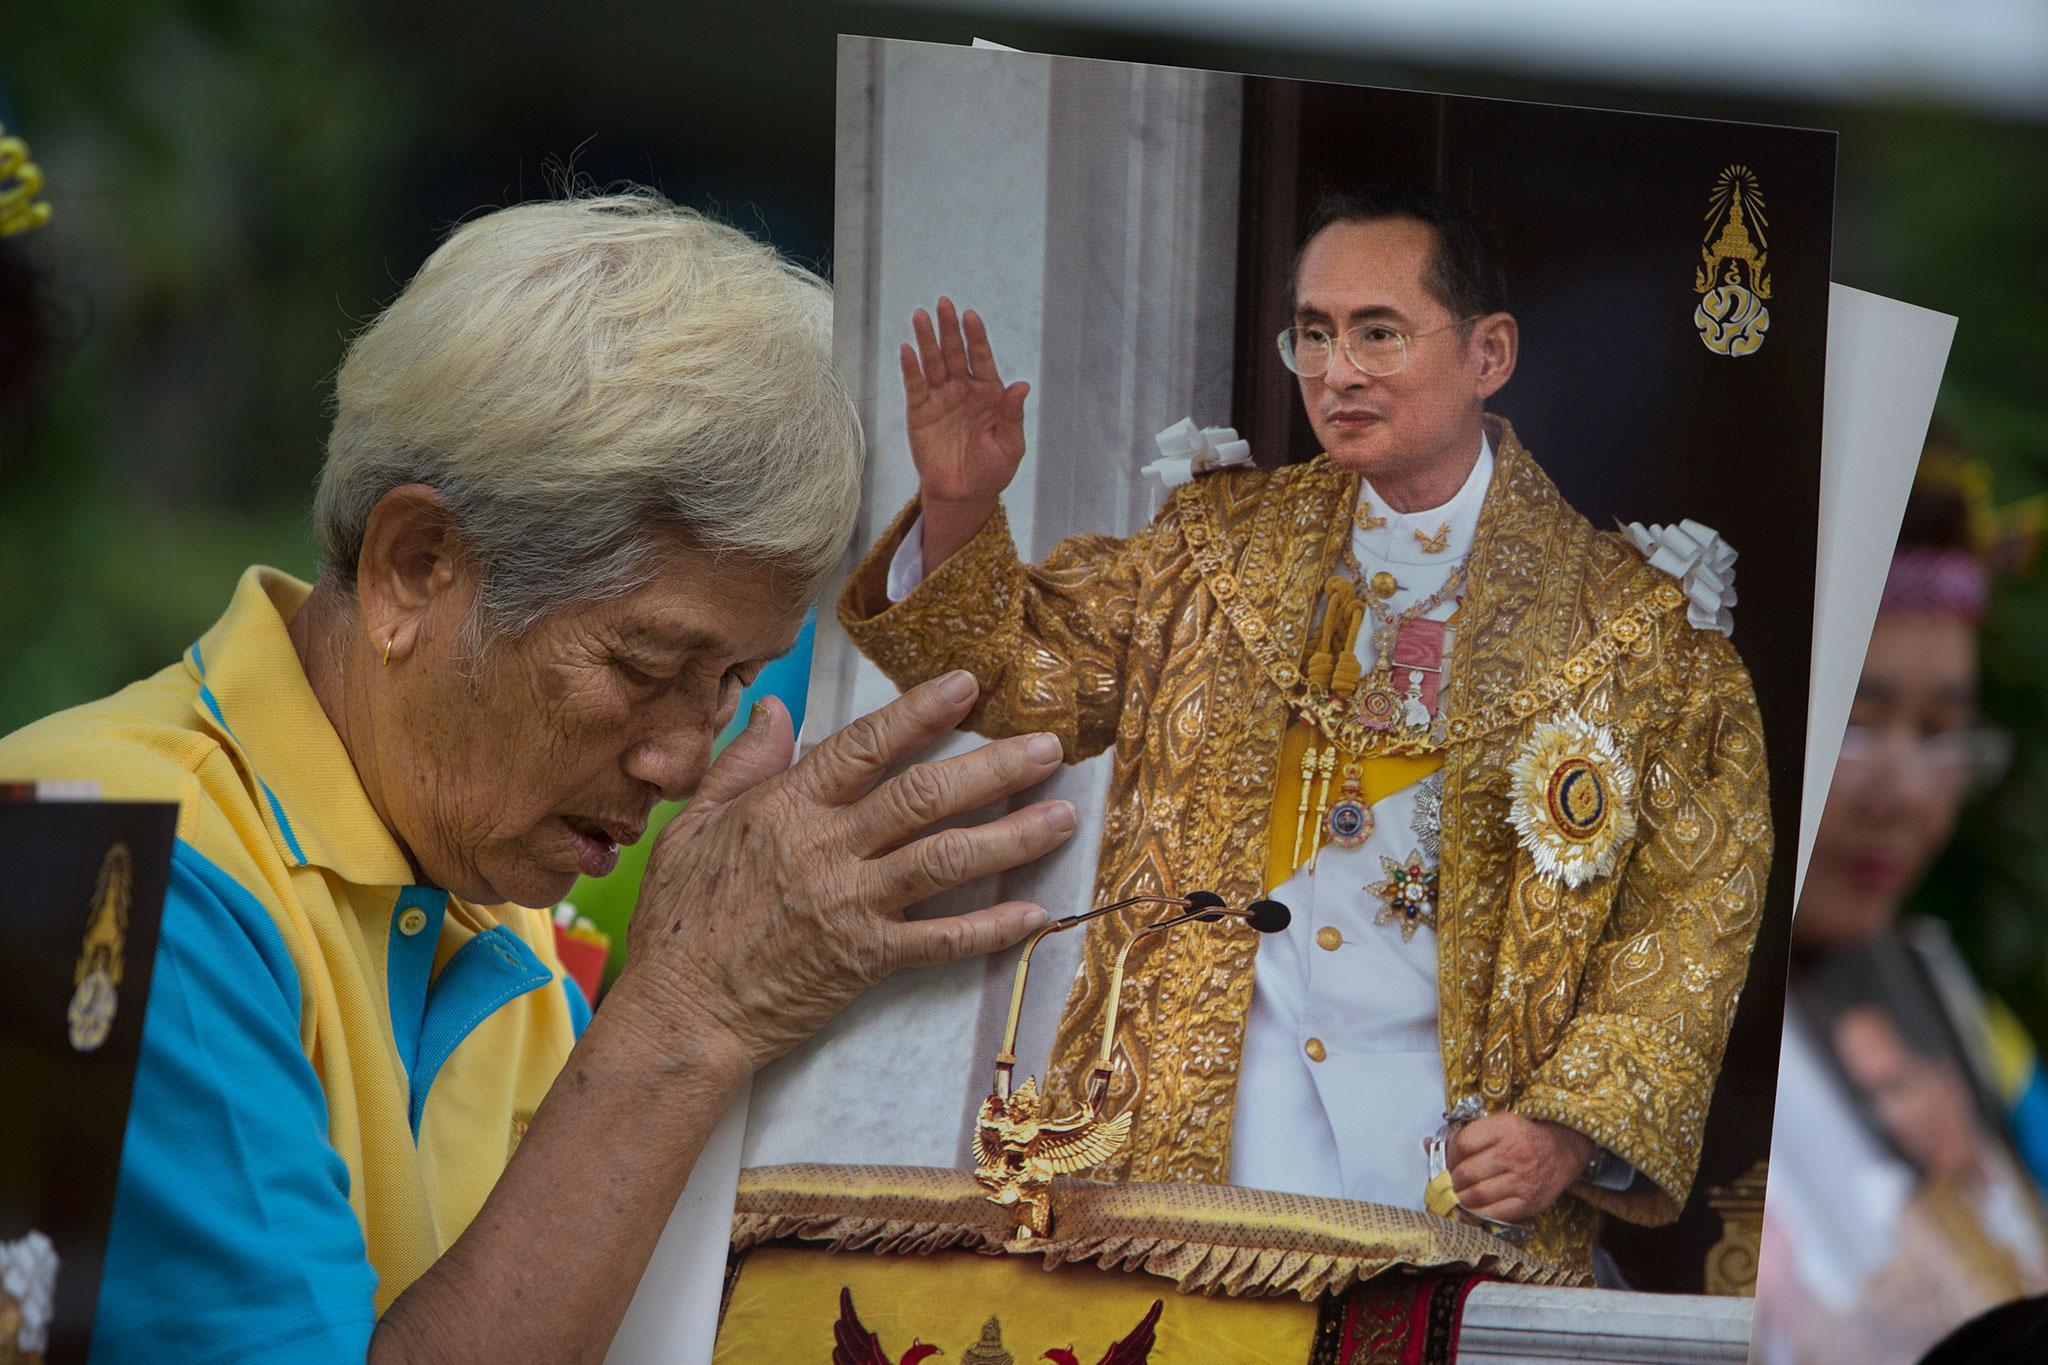 Morto il Re Tailandese Bhumibol Adulyadei